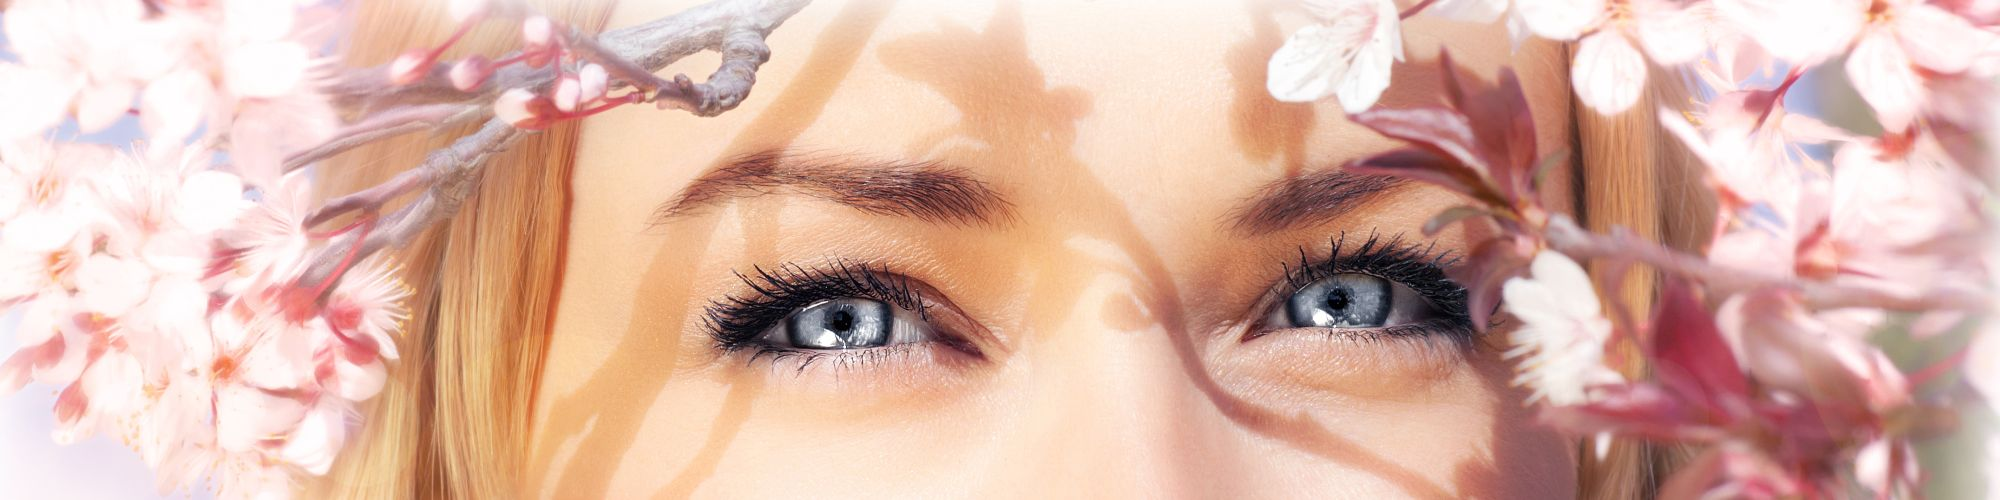 woman eyes pink flowers